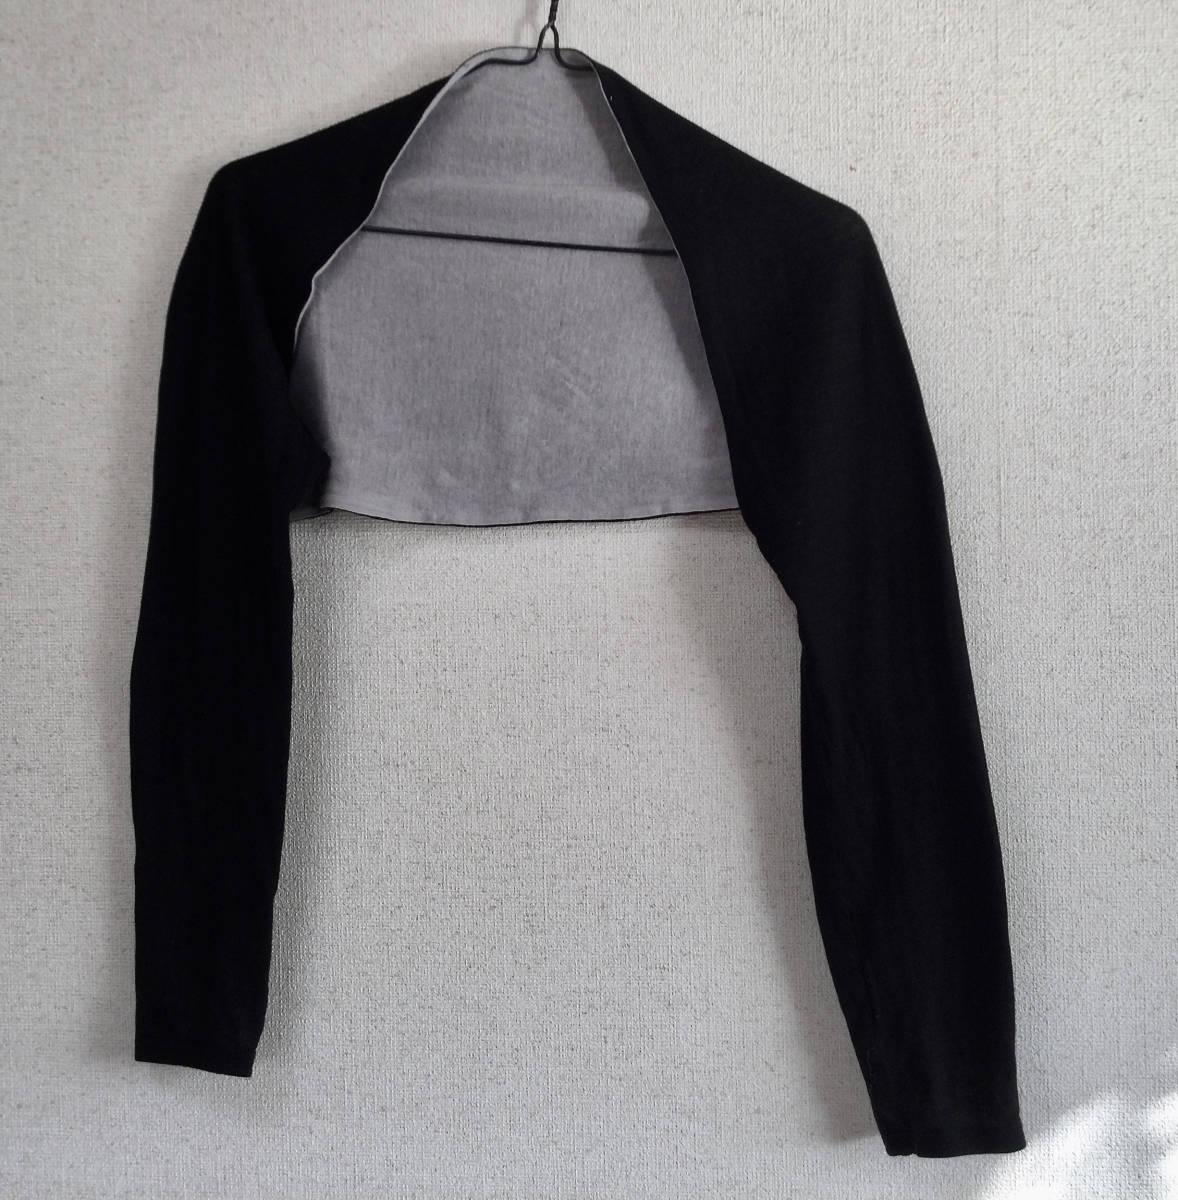 アームカバー 着るアームカバー  リバーシブル 黒xグレー_画像1